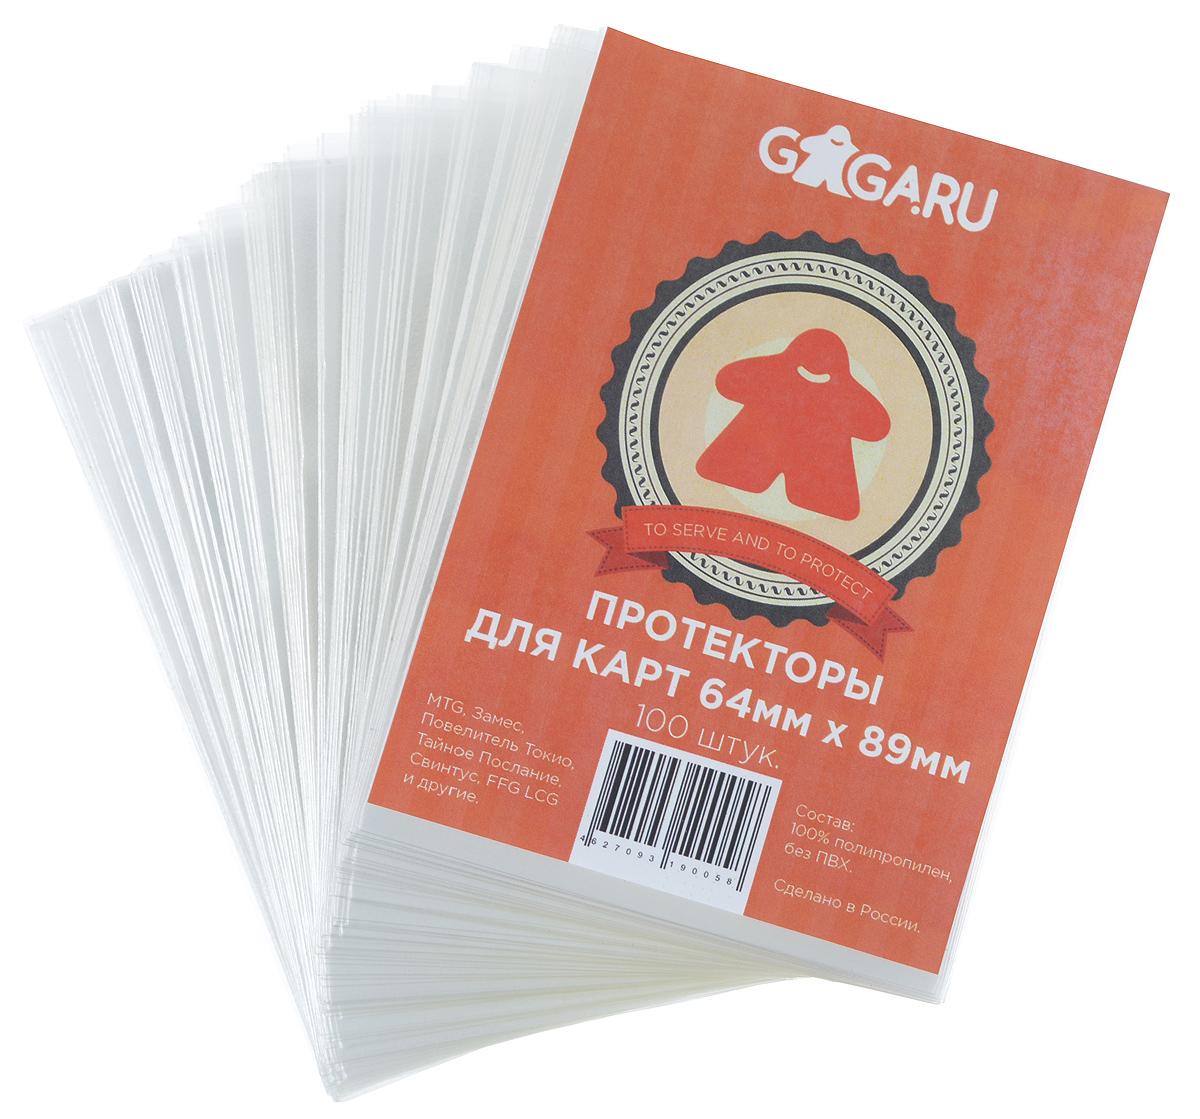 Набор защитных кармашков для карт GaGa MtG, размер: 64х89 мм, 100 штУТ-00002999Эти протекторы защитят ваши карточки от чего угодно - влаги, пыли, ветра, зноя... Подойдут для таких игр, как Magic: The Gathering, Замес, Повелитель Токио, Тайное Послание, Свинтус, FFG LCG и другие. Изготовлены из полипропилена, не содержат ПВХ.